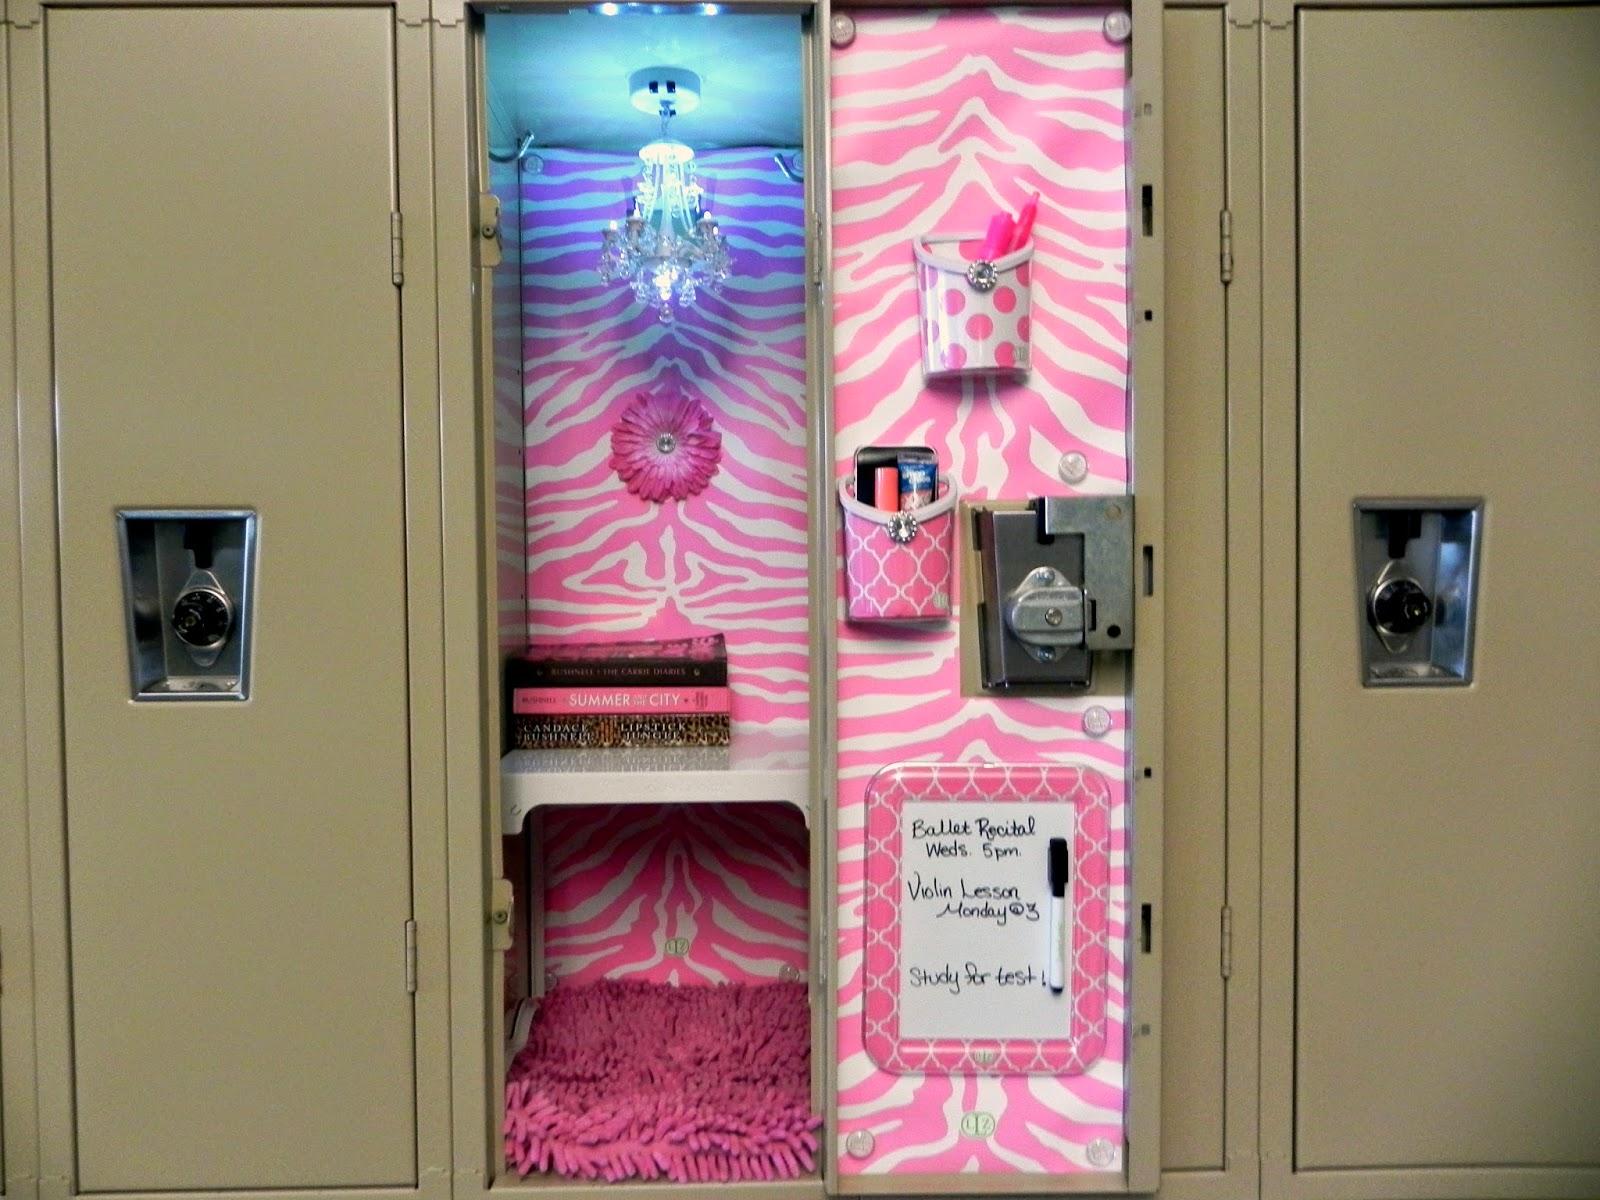 cute girls in lockers